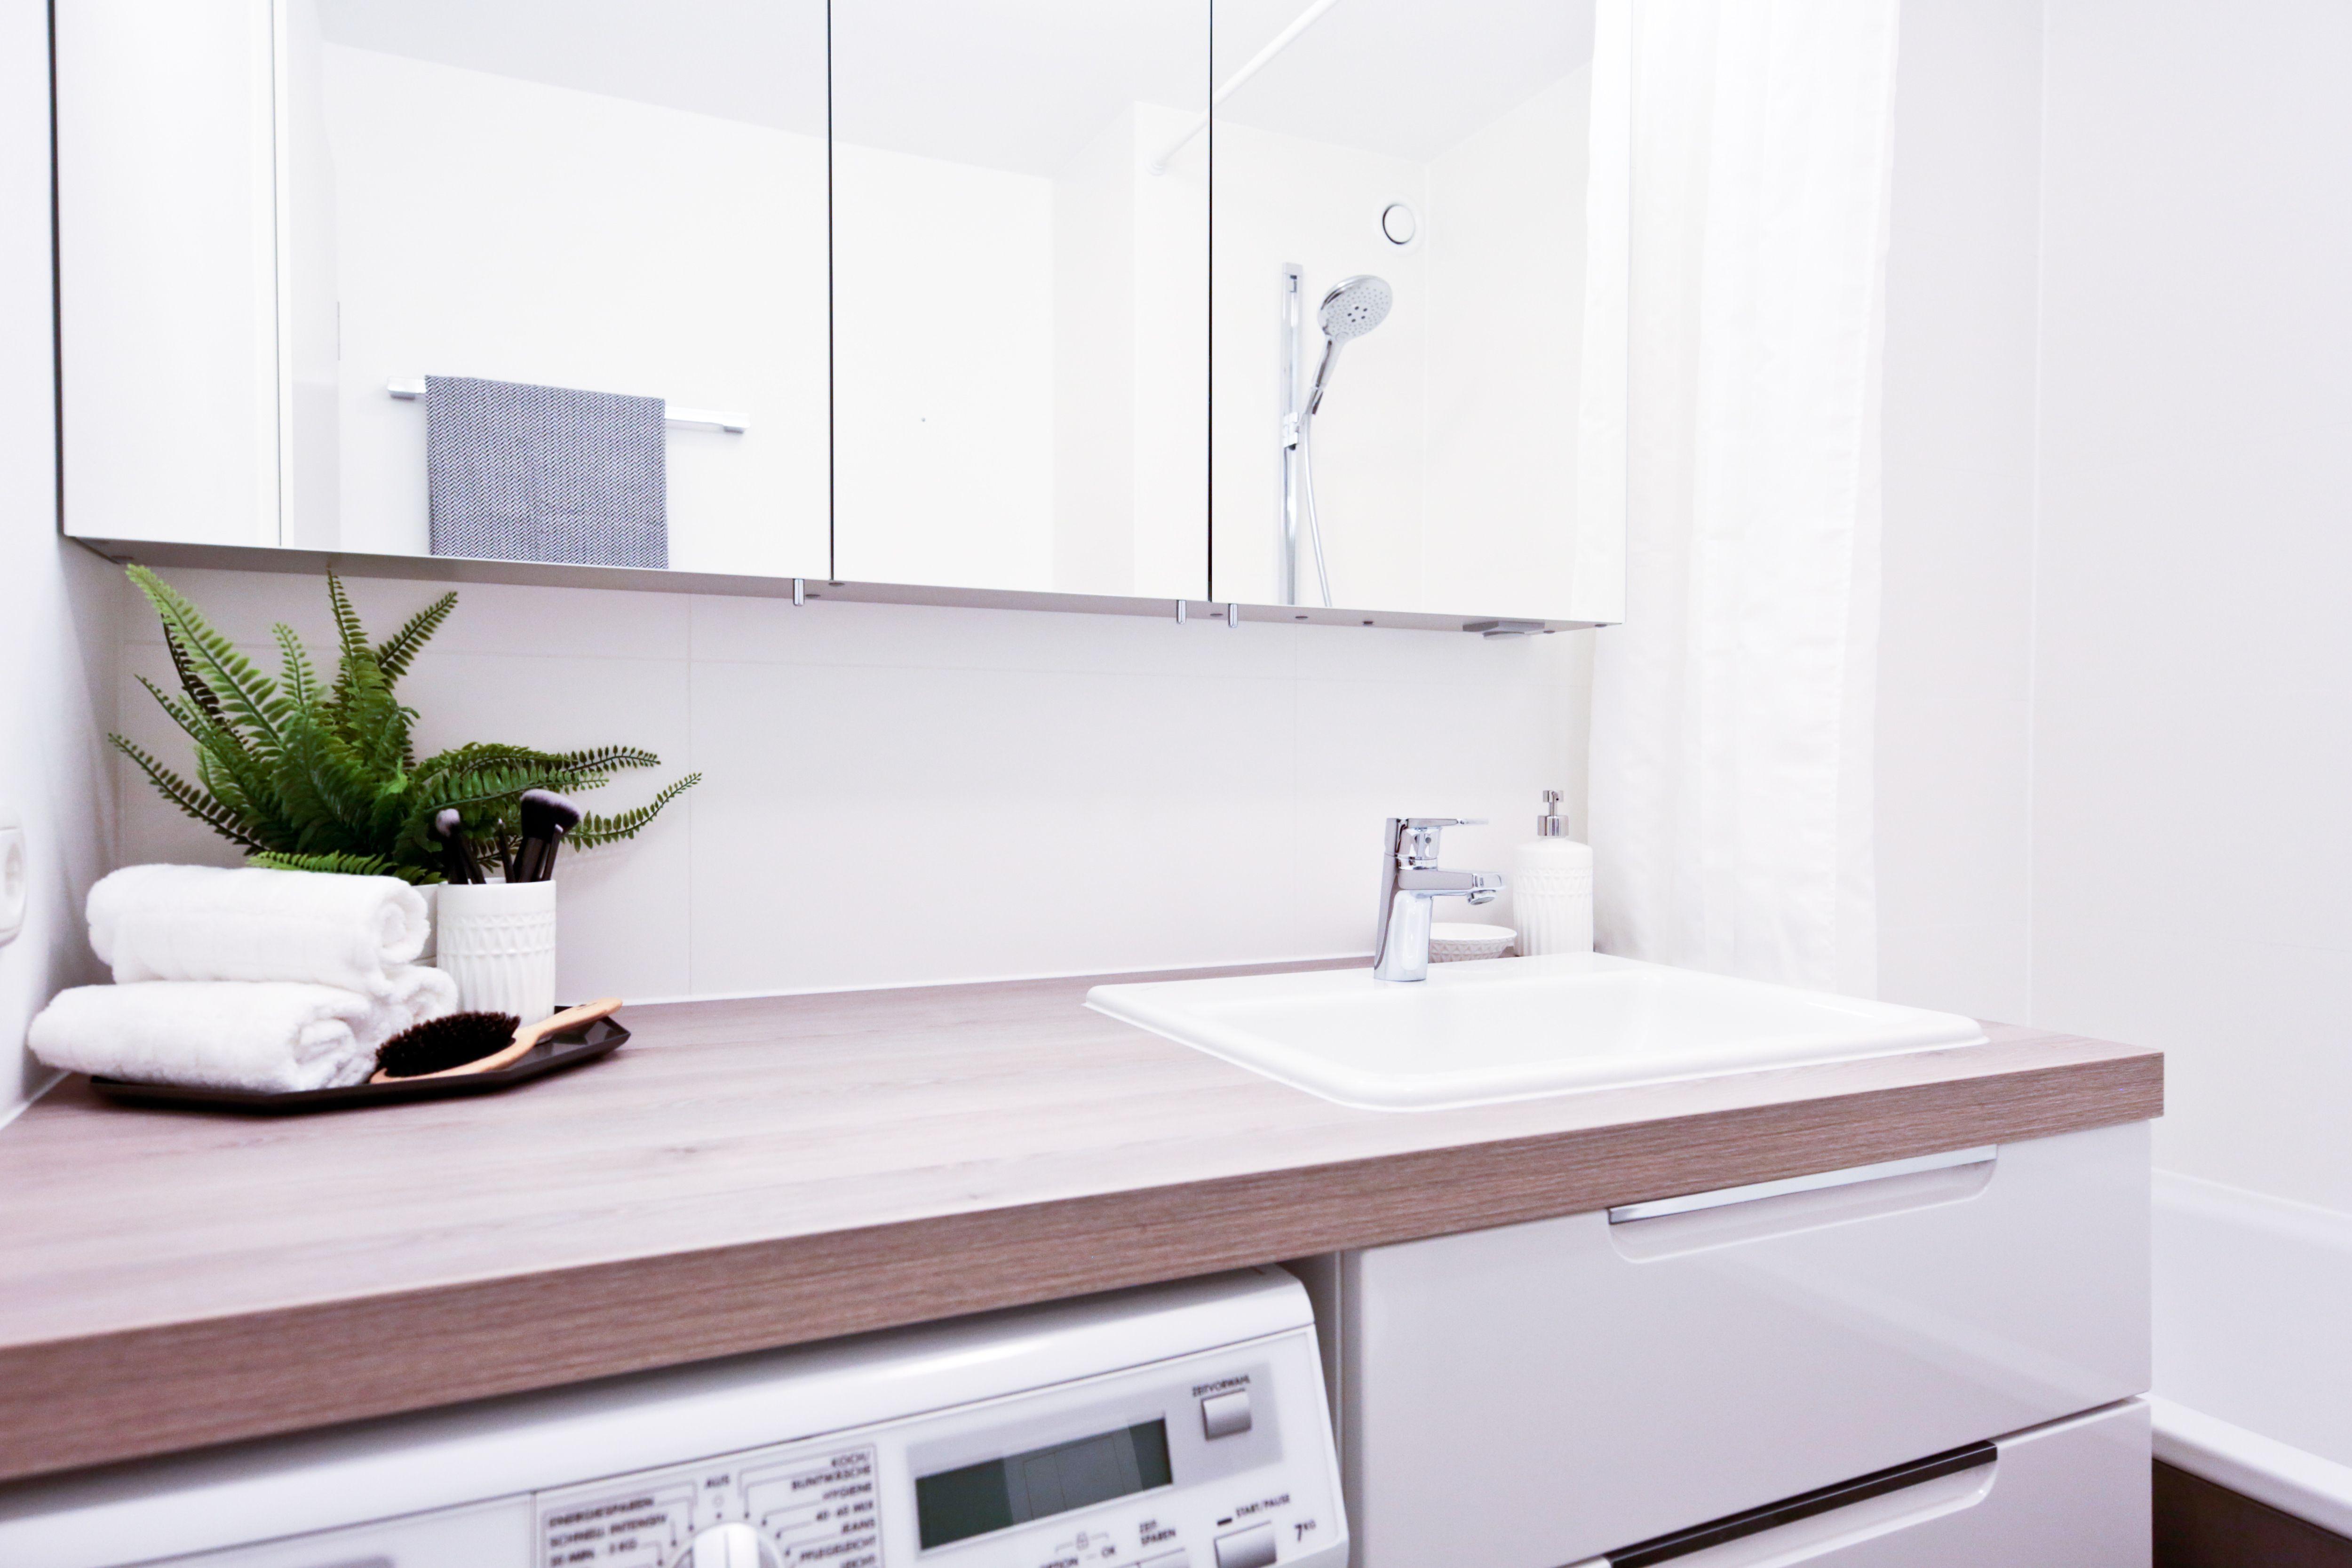 Waschtischplatte Aus Holz Integriert Praktisch Die Waschmaschine Banovo Badsanierung Badrenovierung Wannenbad Modern Badsanierung Badrenovierung Sanierung